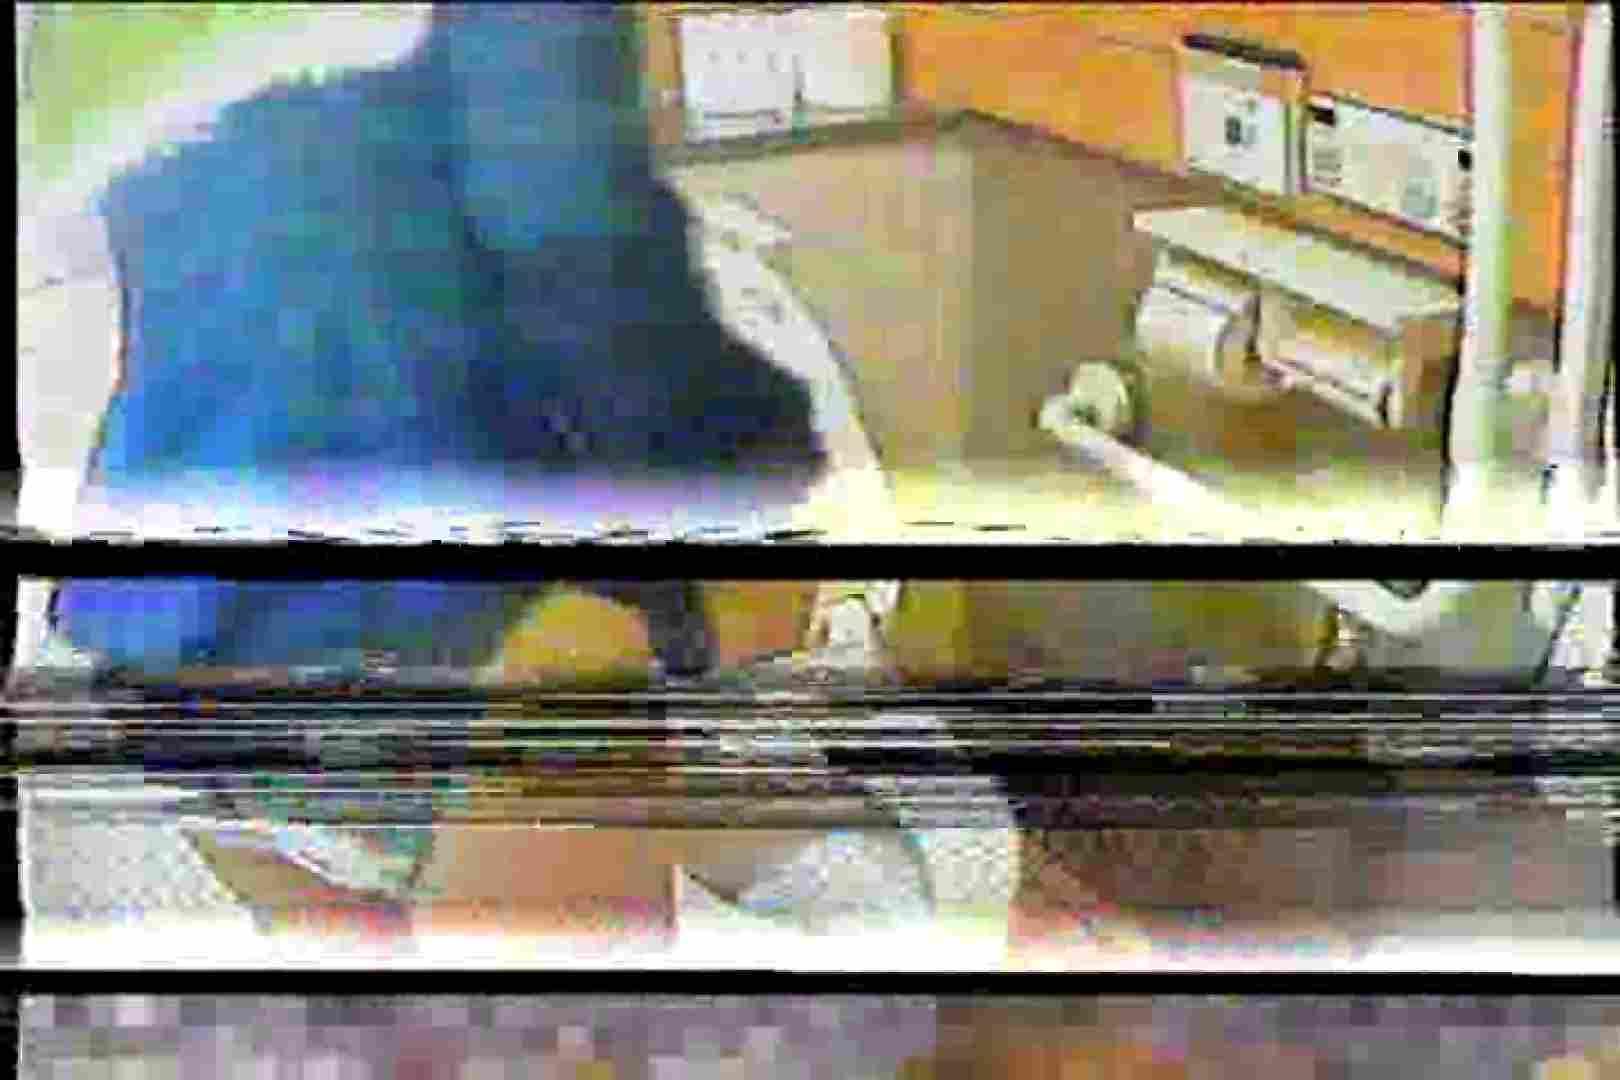 2点盗撮洗面所潜入レポートVol.7 洋式固定カメラ編 盗撮  63pic 12